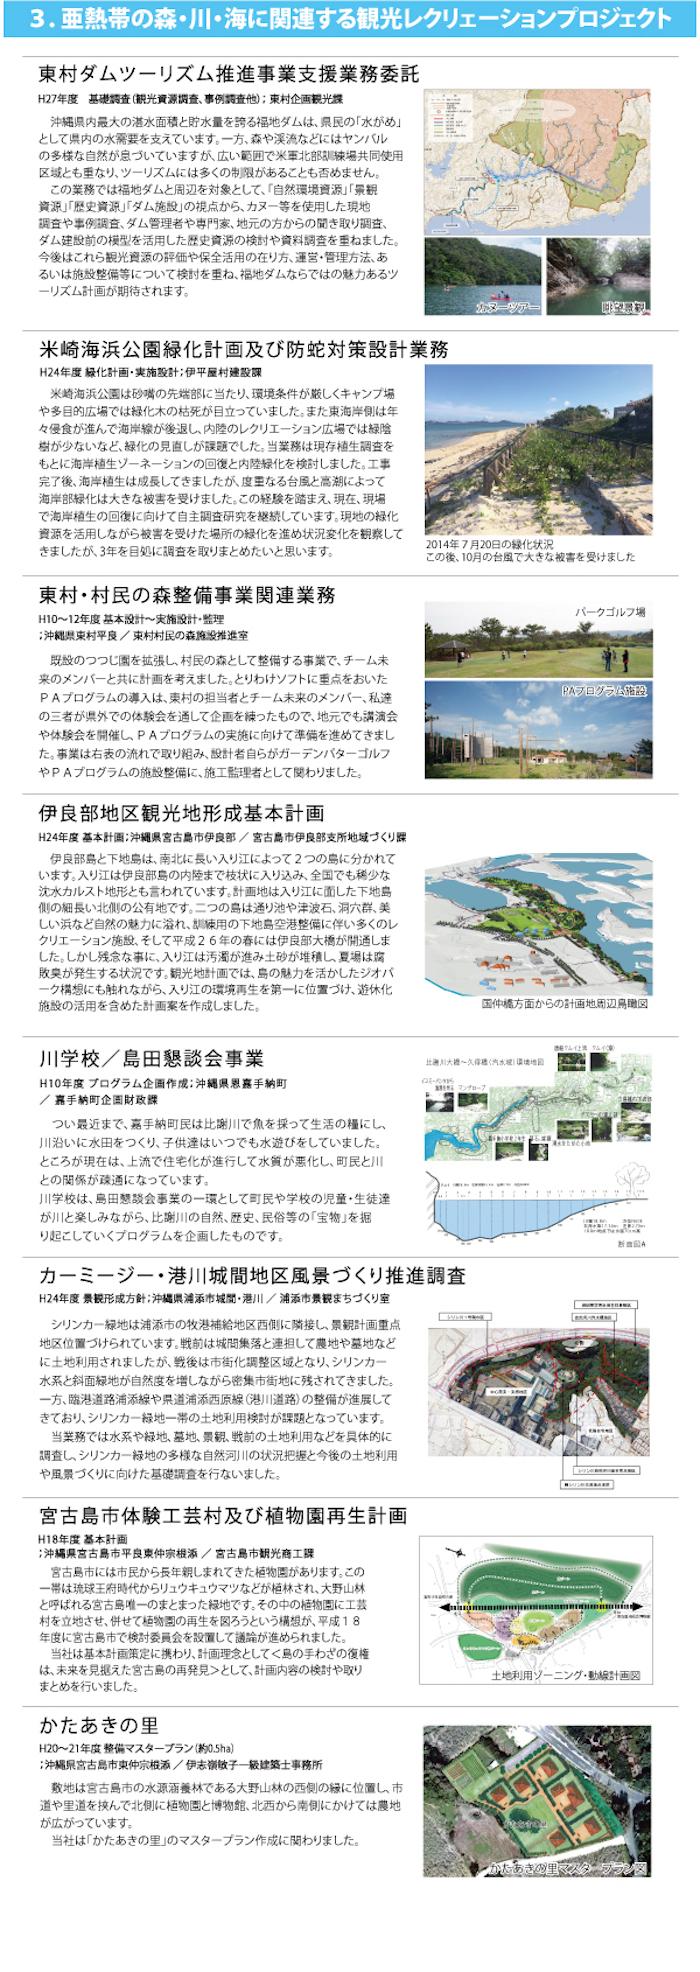 3.亜熱帯の森・川・海に関連する観光レクリェーションプロジェクト